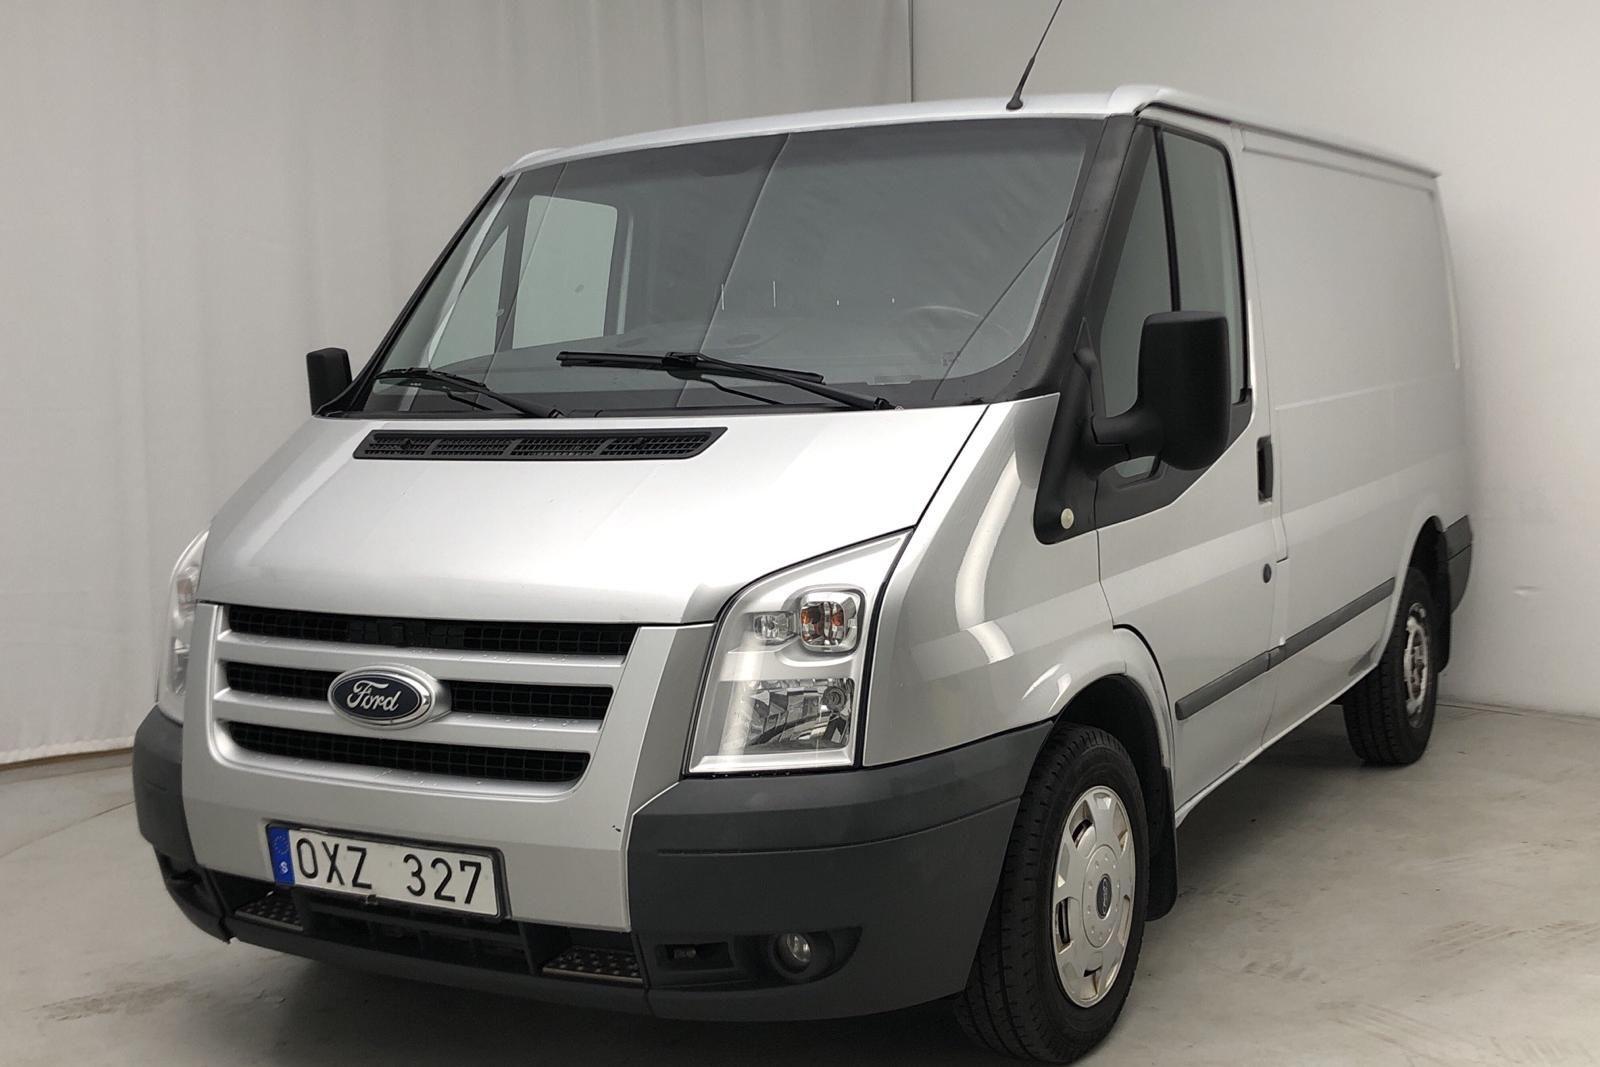 Ford Transit 260 2.2 TDCi Skåp (85hk)